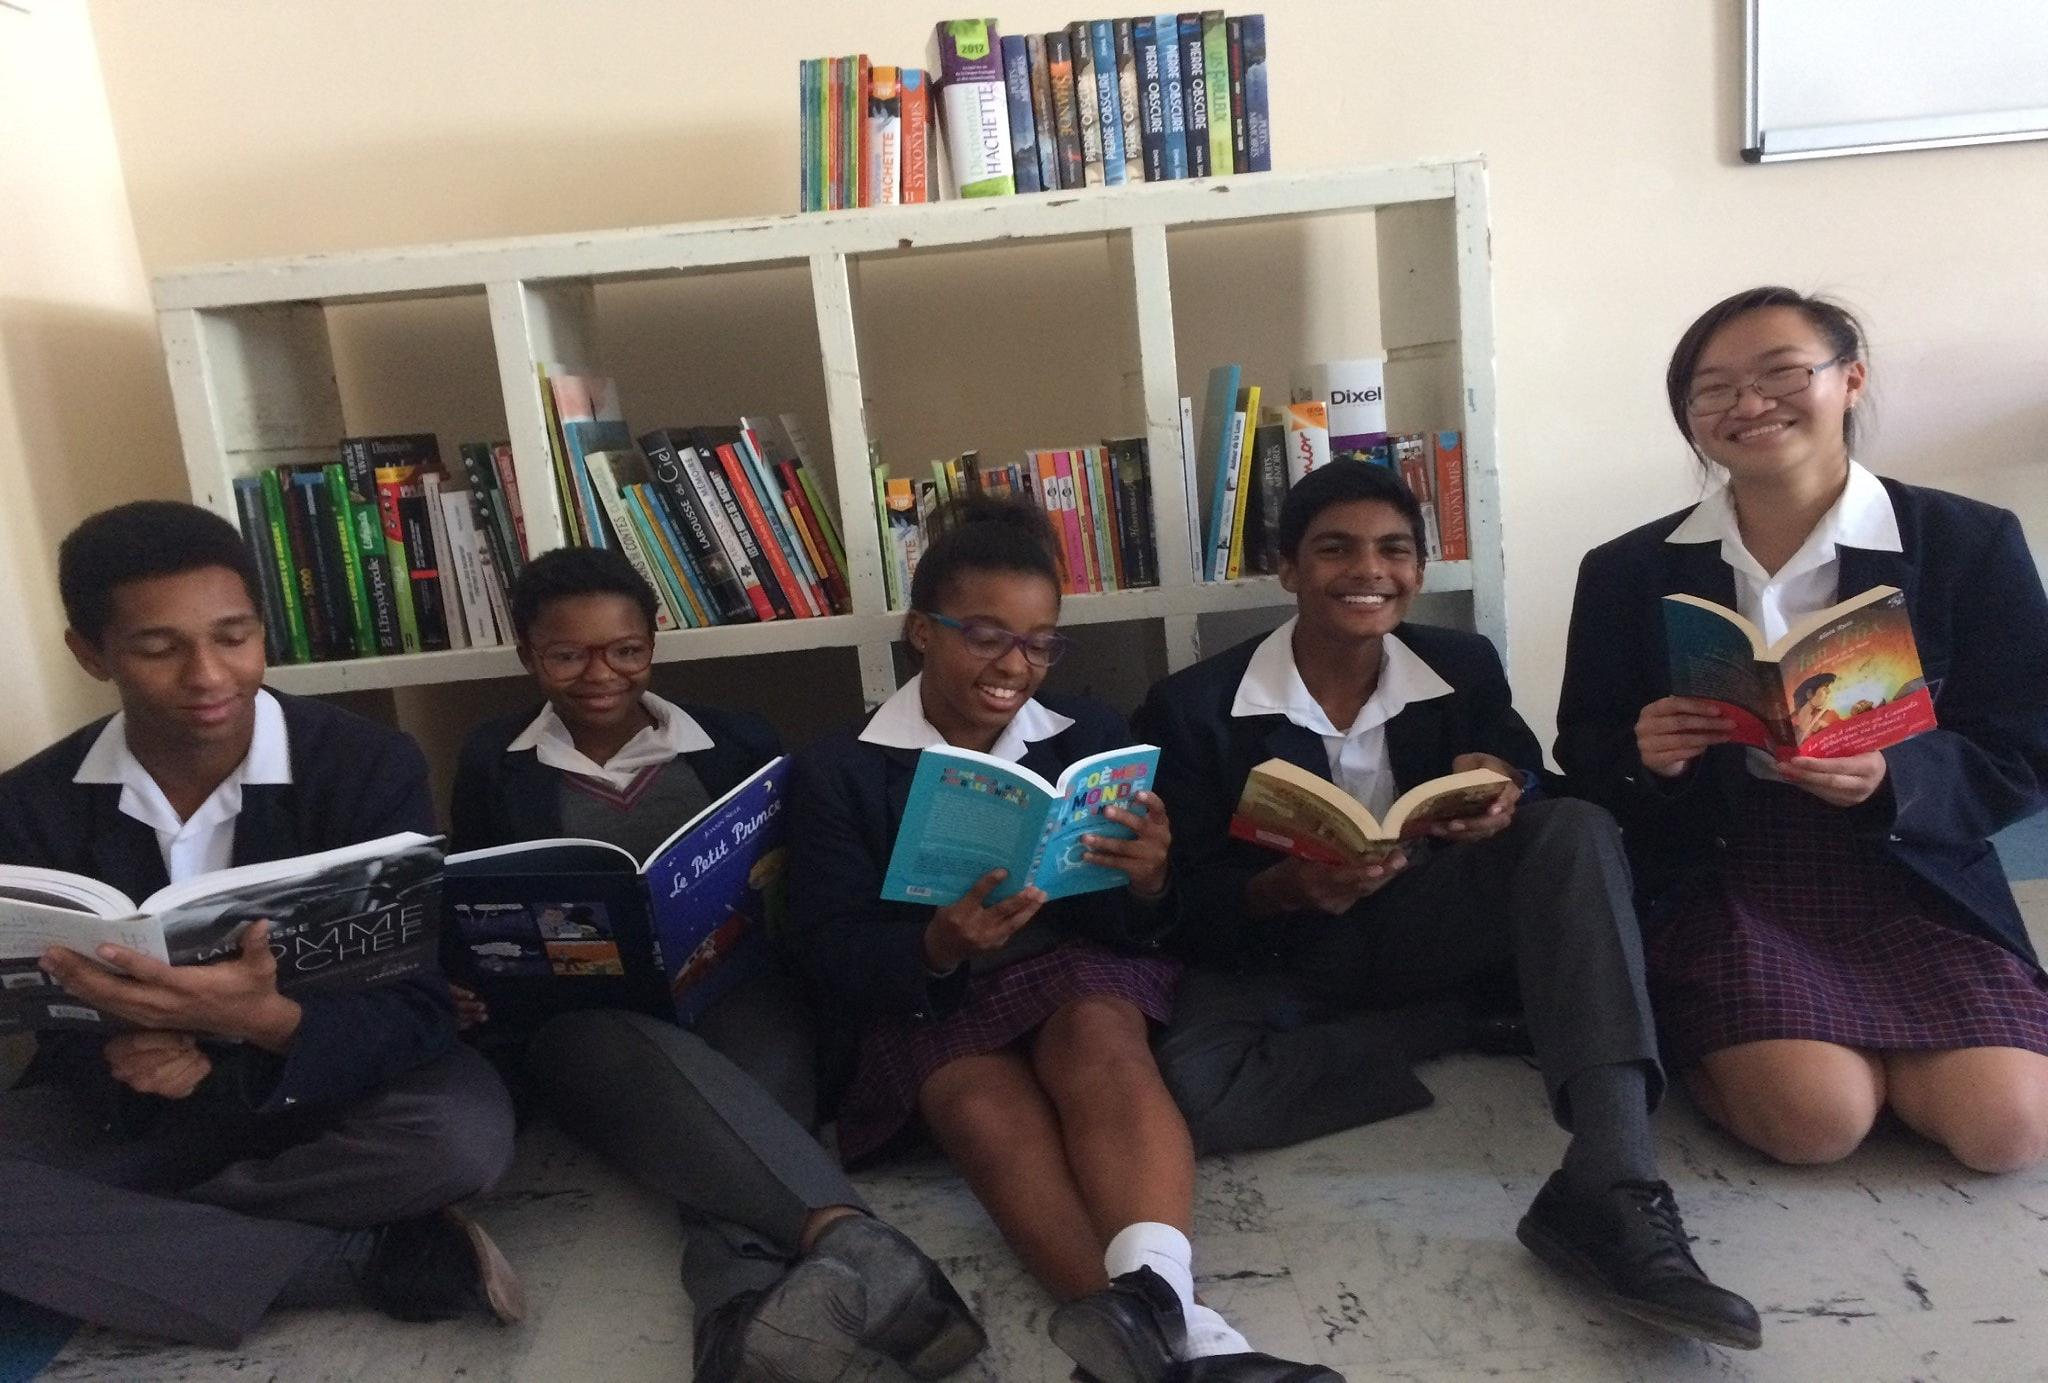 En Afrique du Sud, plus de 12 000 livres pour les apprenants du Gauteng